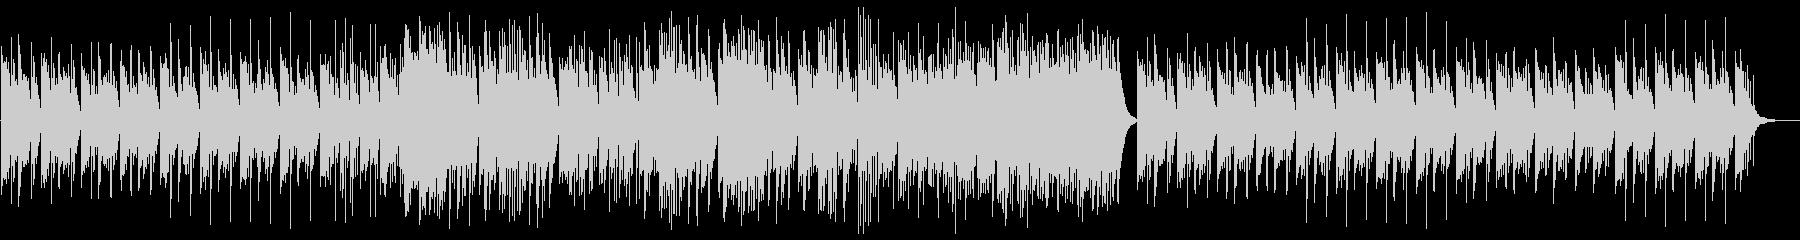 ピアノによる落ち着きのあるバラードの未再生の波形